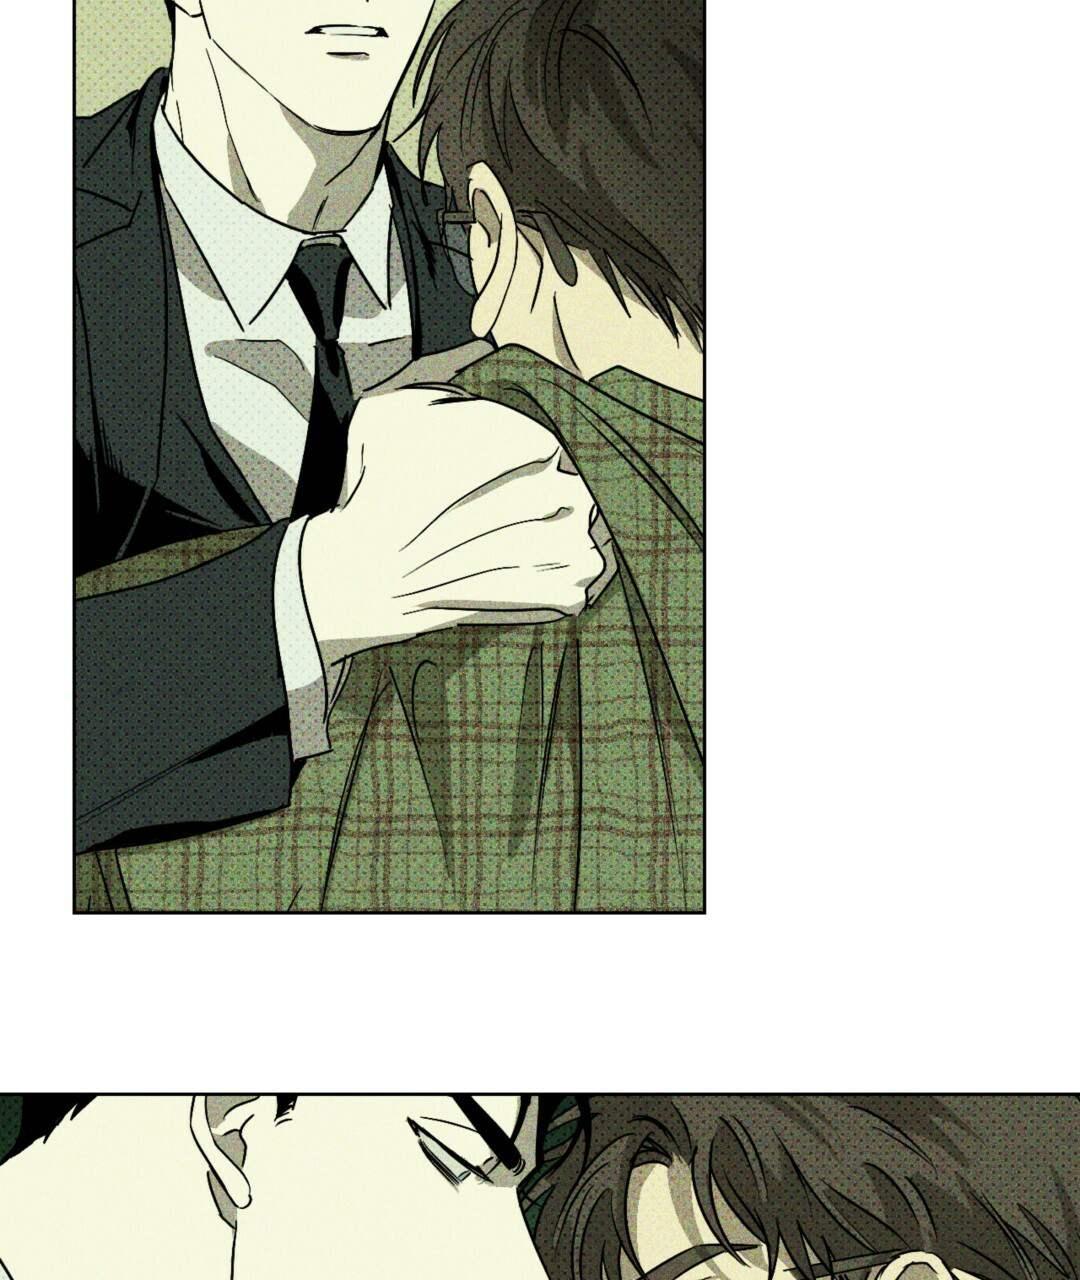 韩漫  《绿色镌像》这男人竟该死的甜美~纯情男大学生x黑帮大佬  第10张